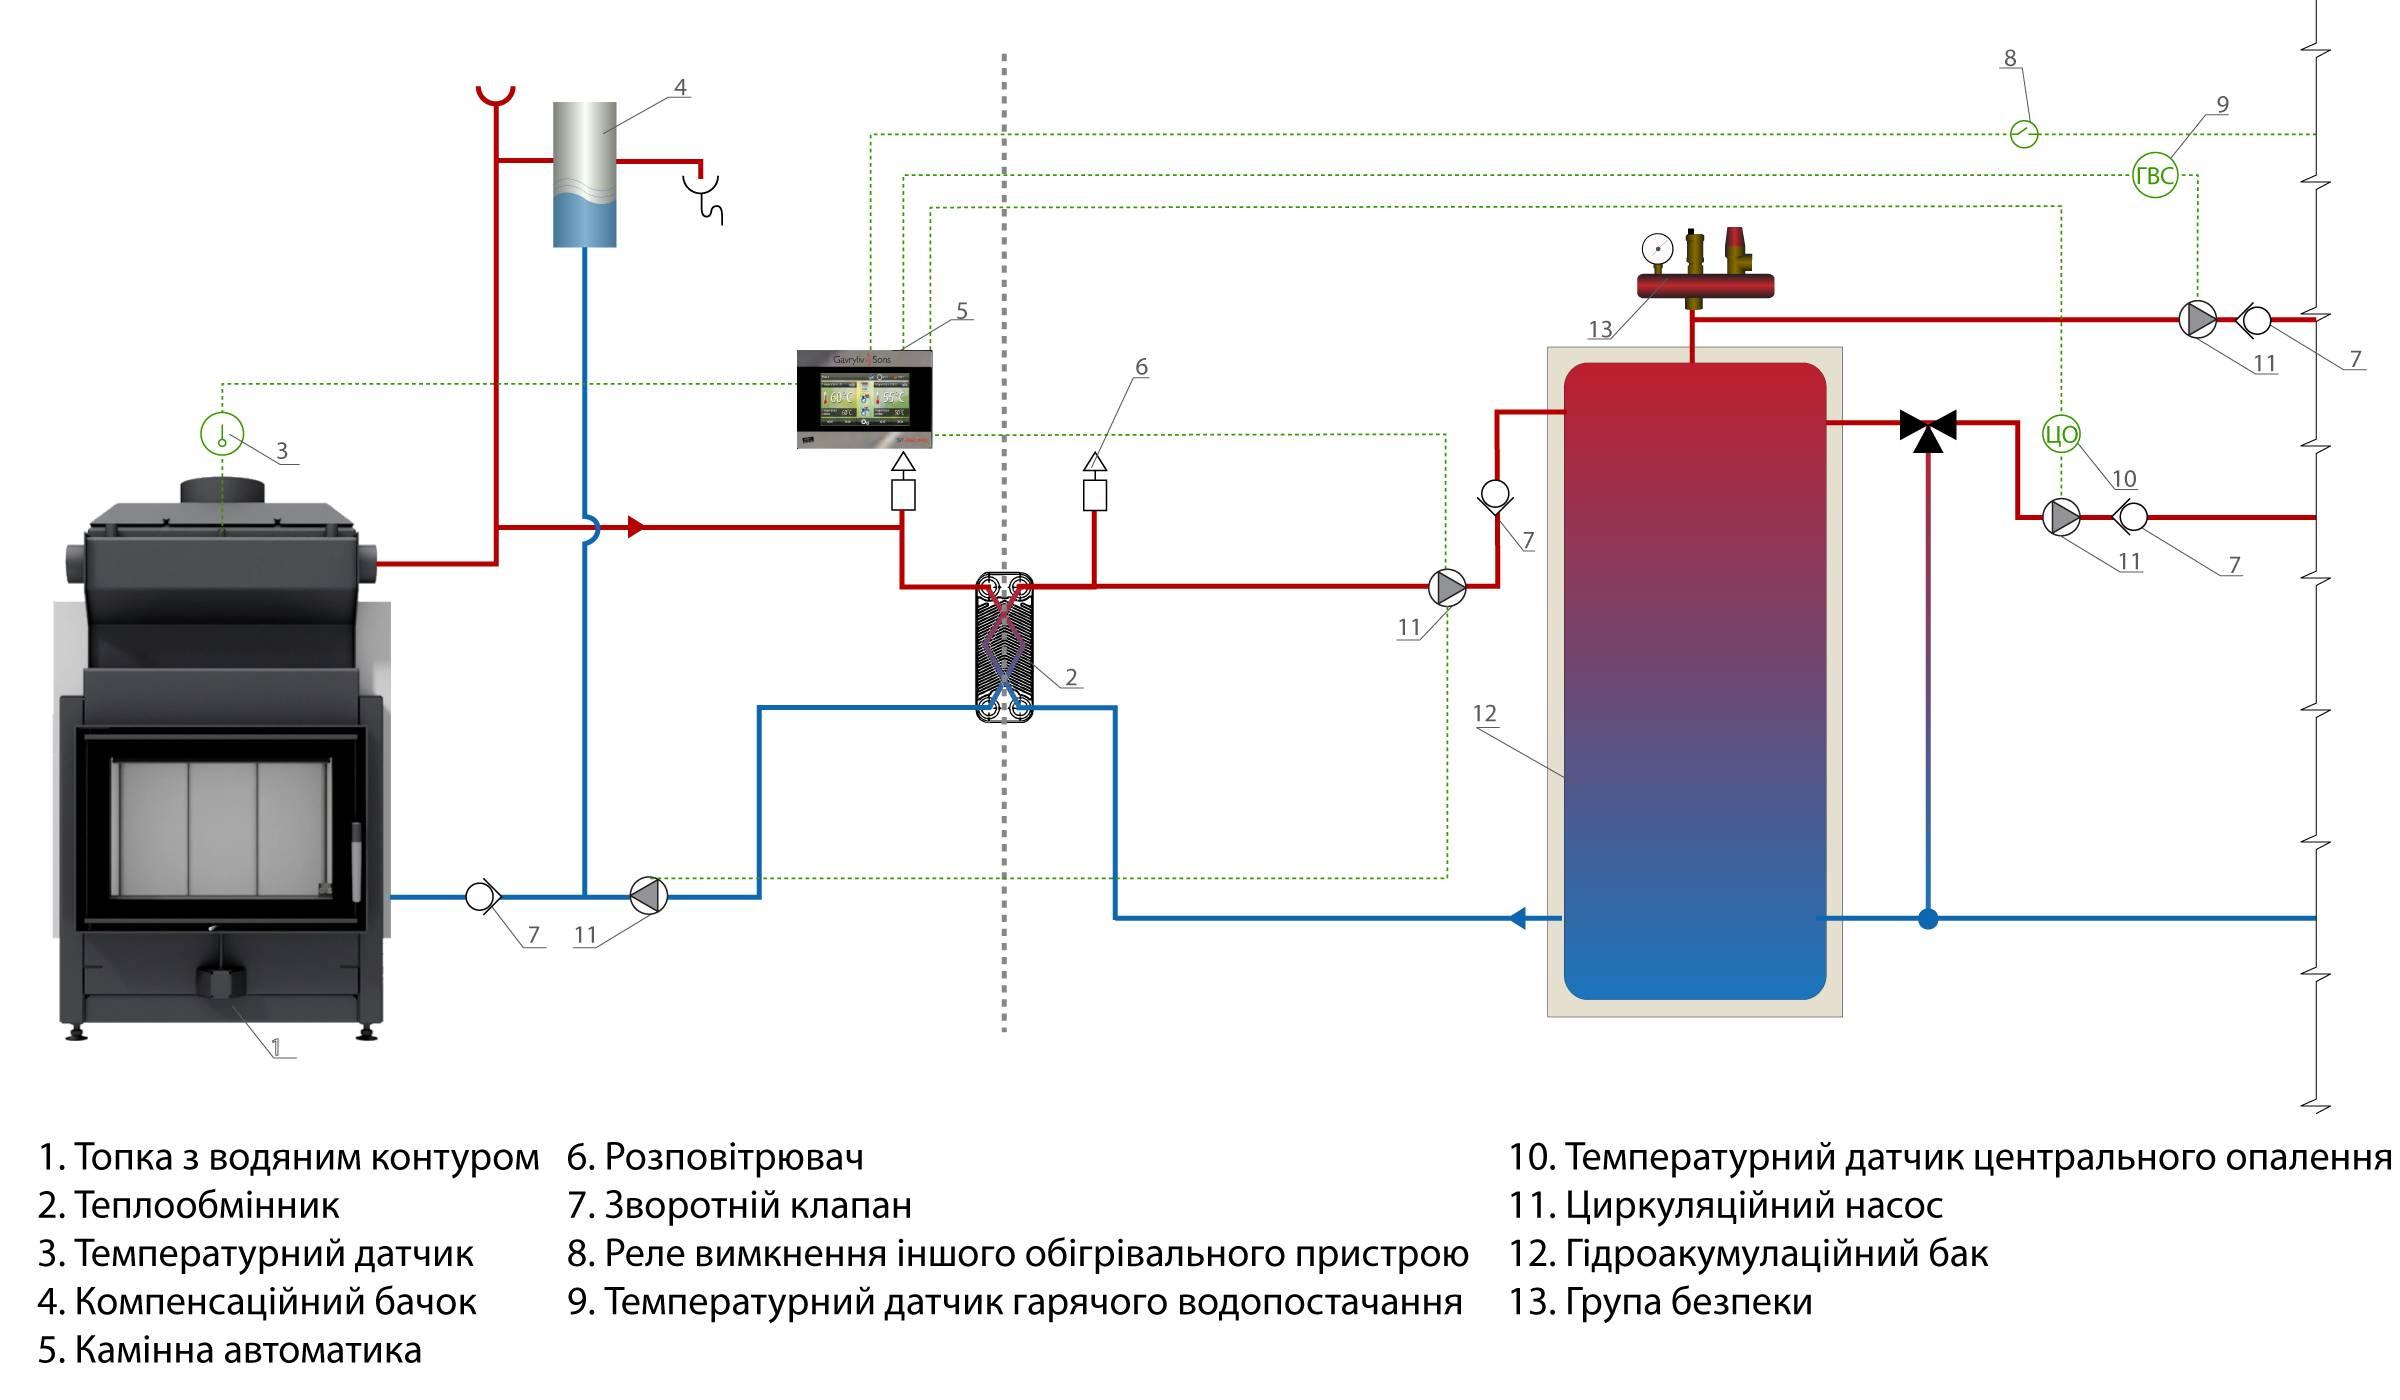 Печь с водяным контуром для отопления дома: варианты реализации – советы по ремонту